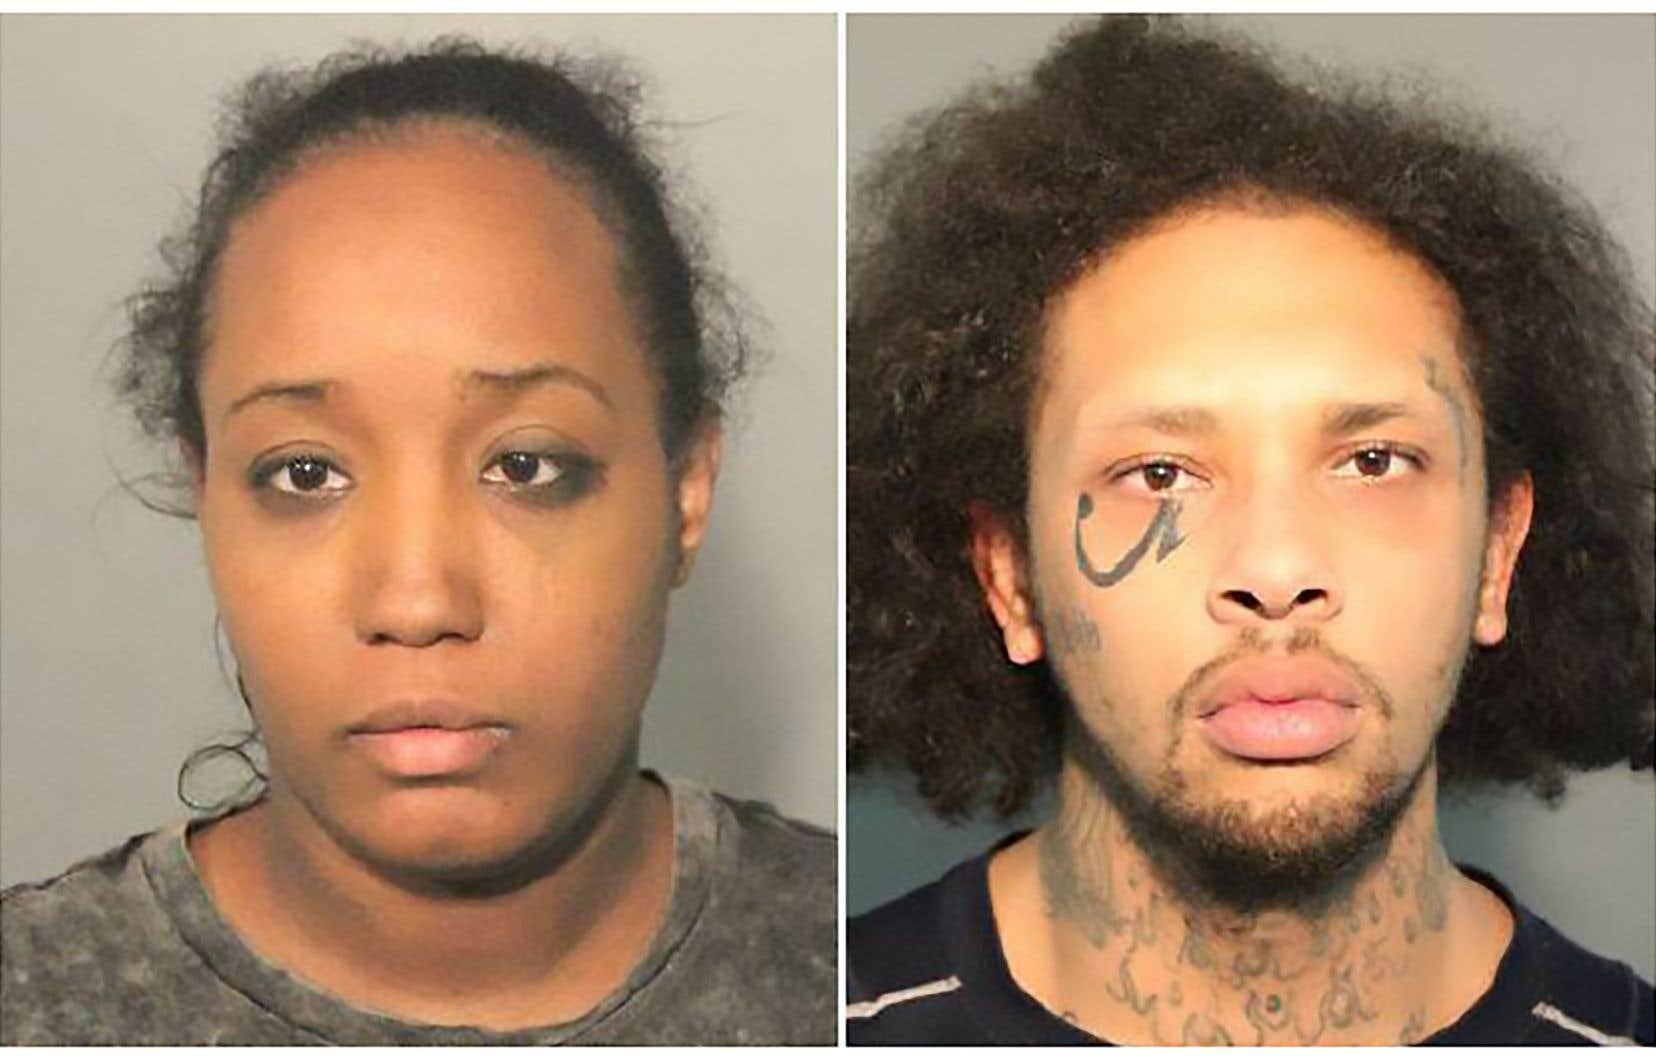 Ina Rogers et Jonathan Allen ont été arrêtés le 31mars à leur domicile de Fairfield.